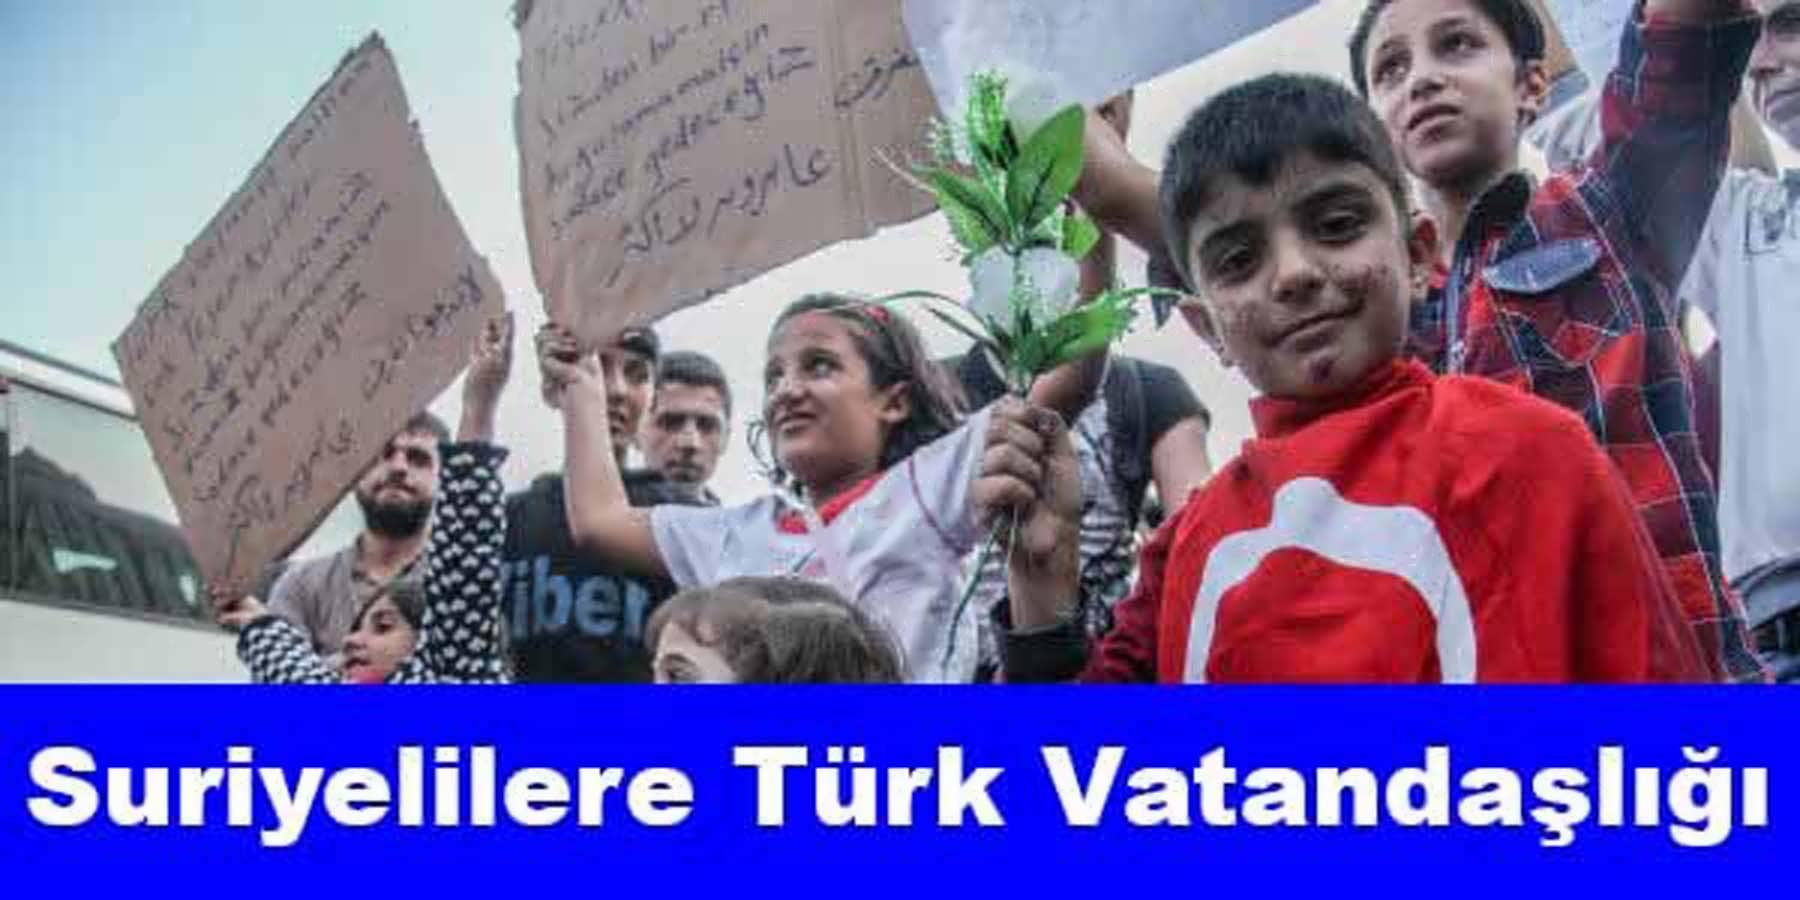 Kaç Suriyeli Türk Vatandaşı Olacak?